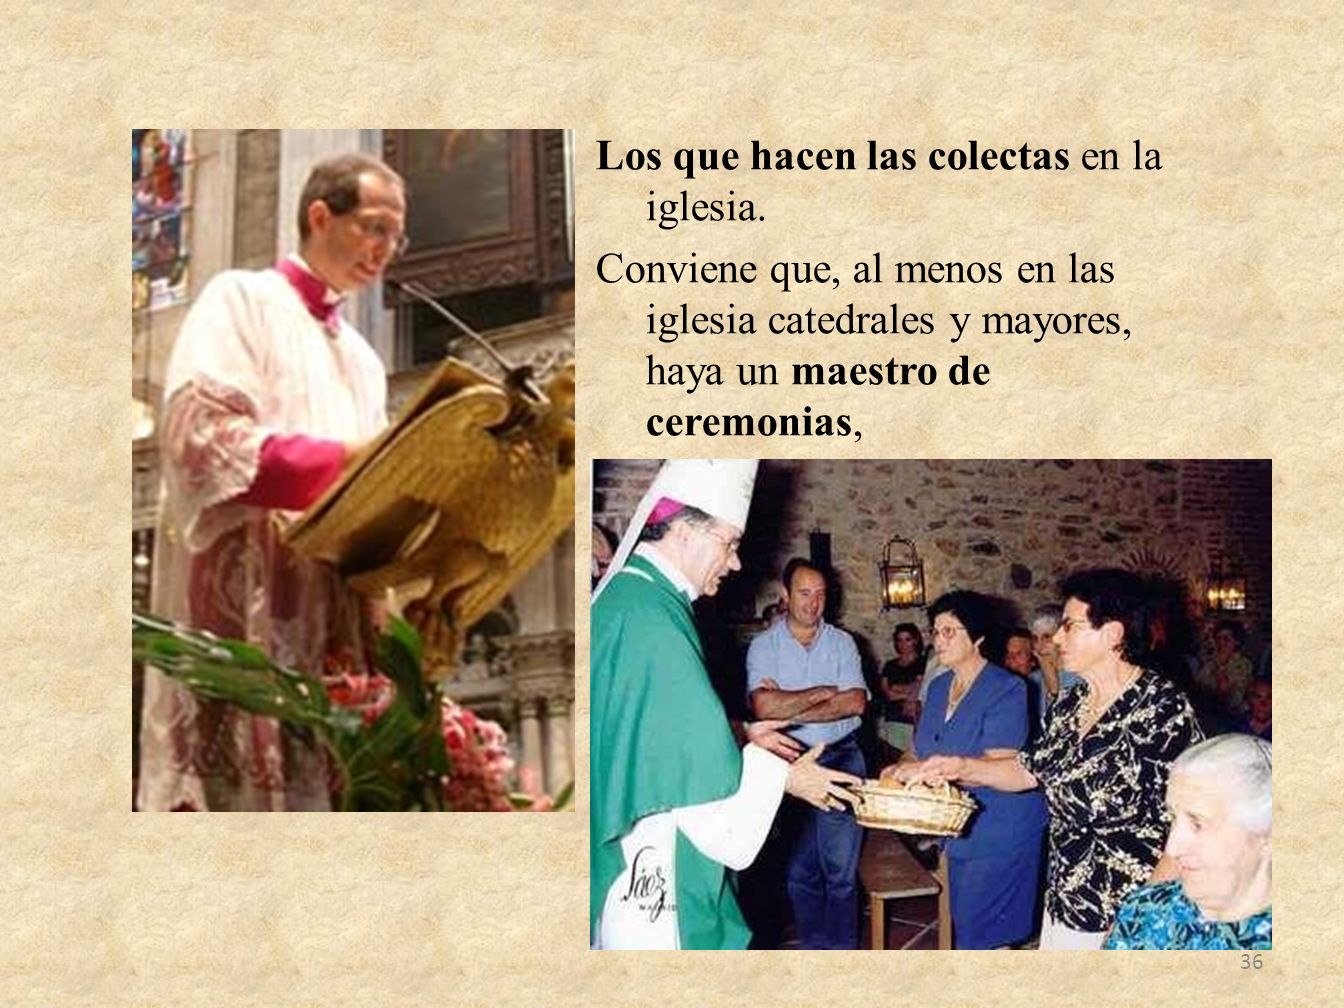 Los que hacen las colectas en la iglesia